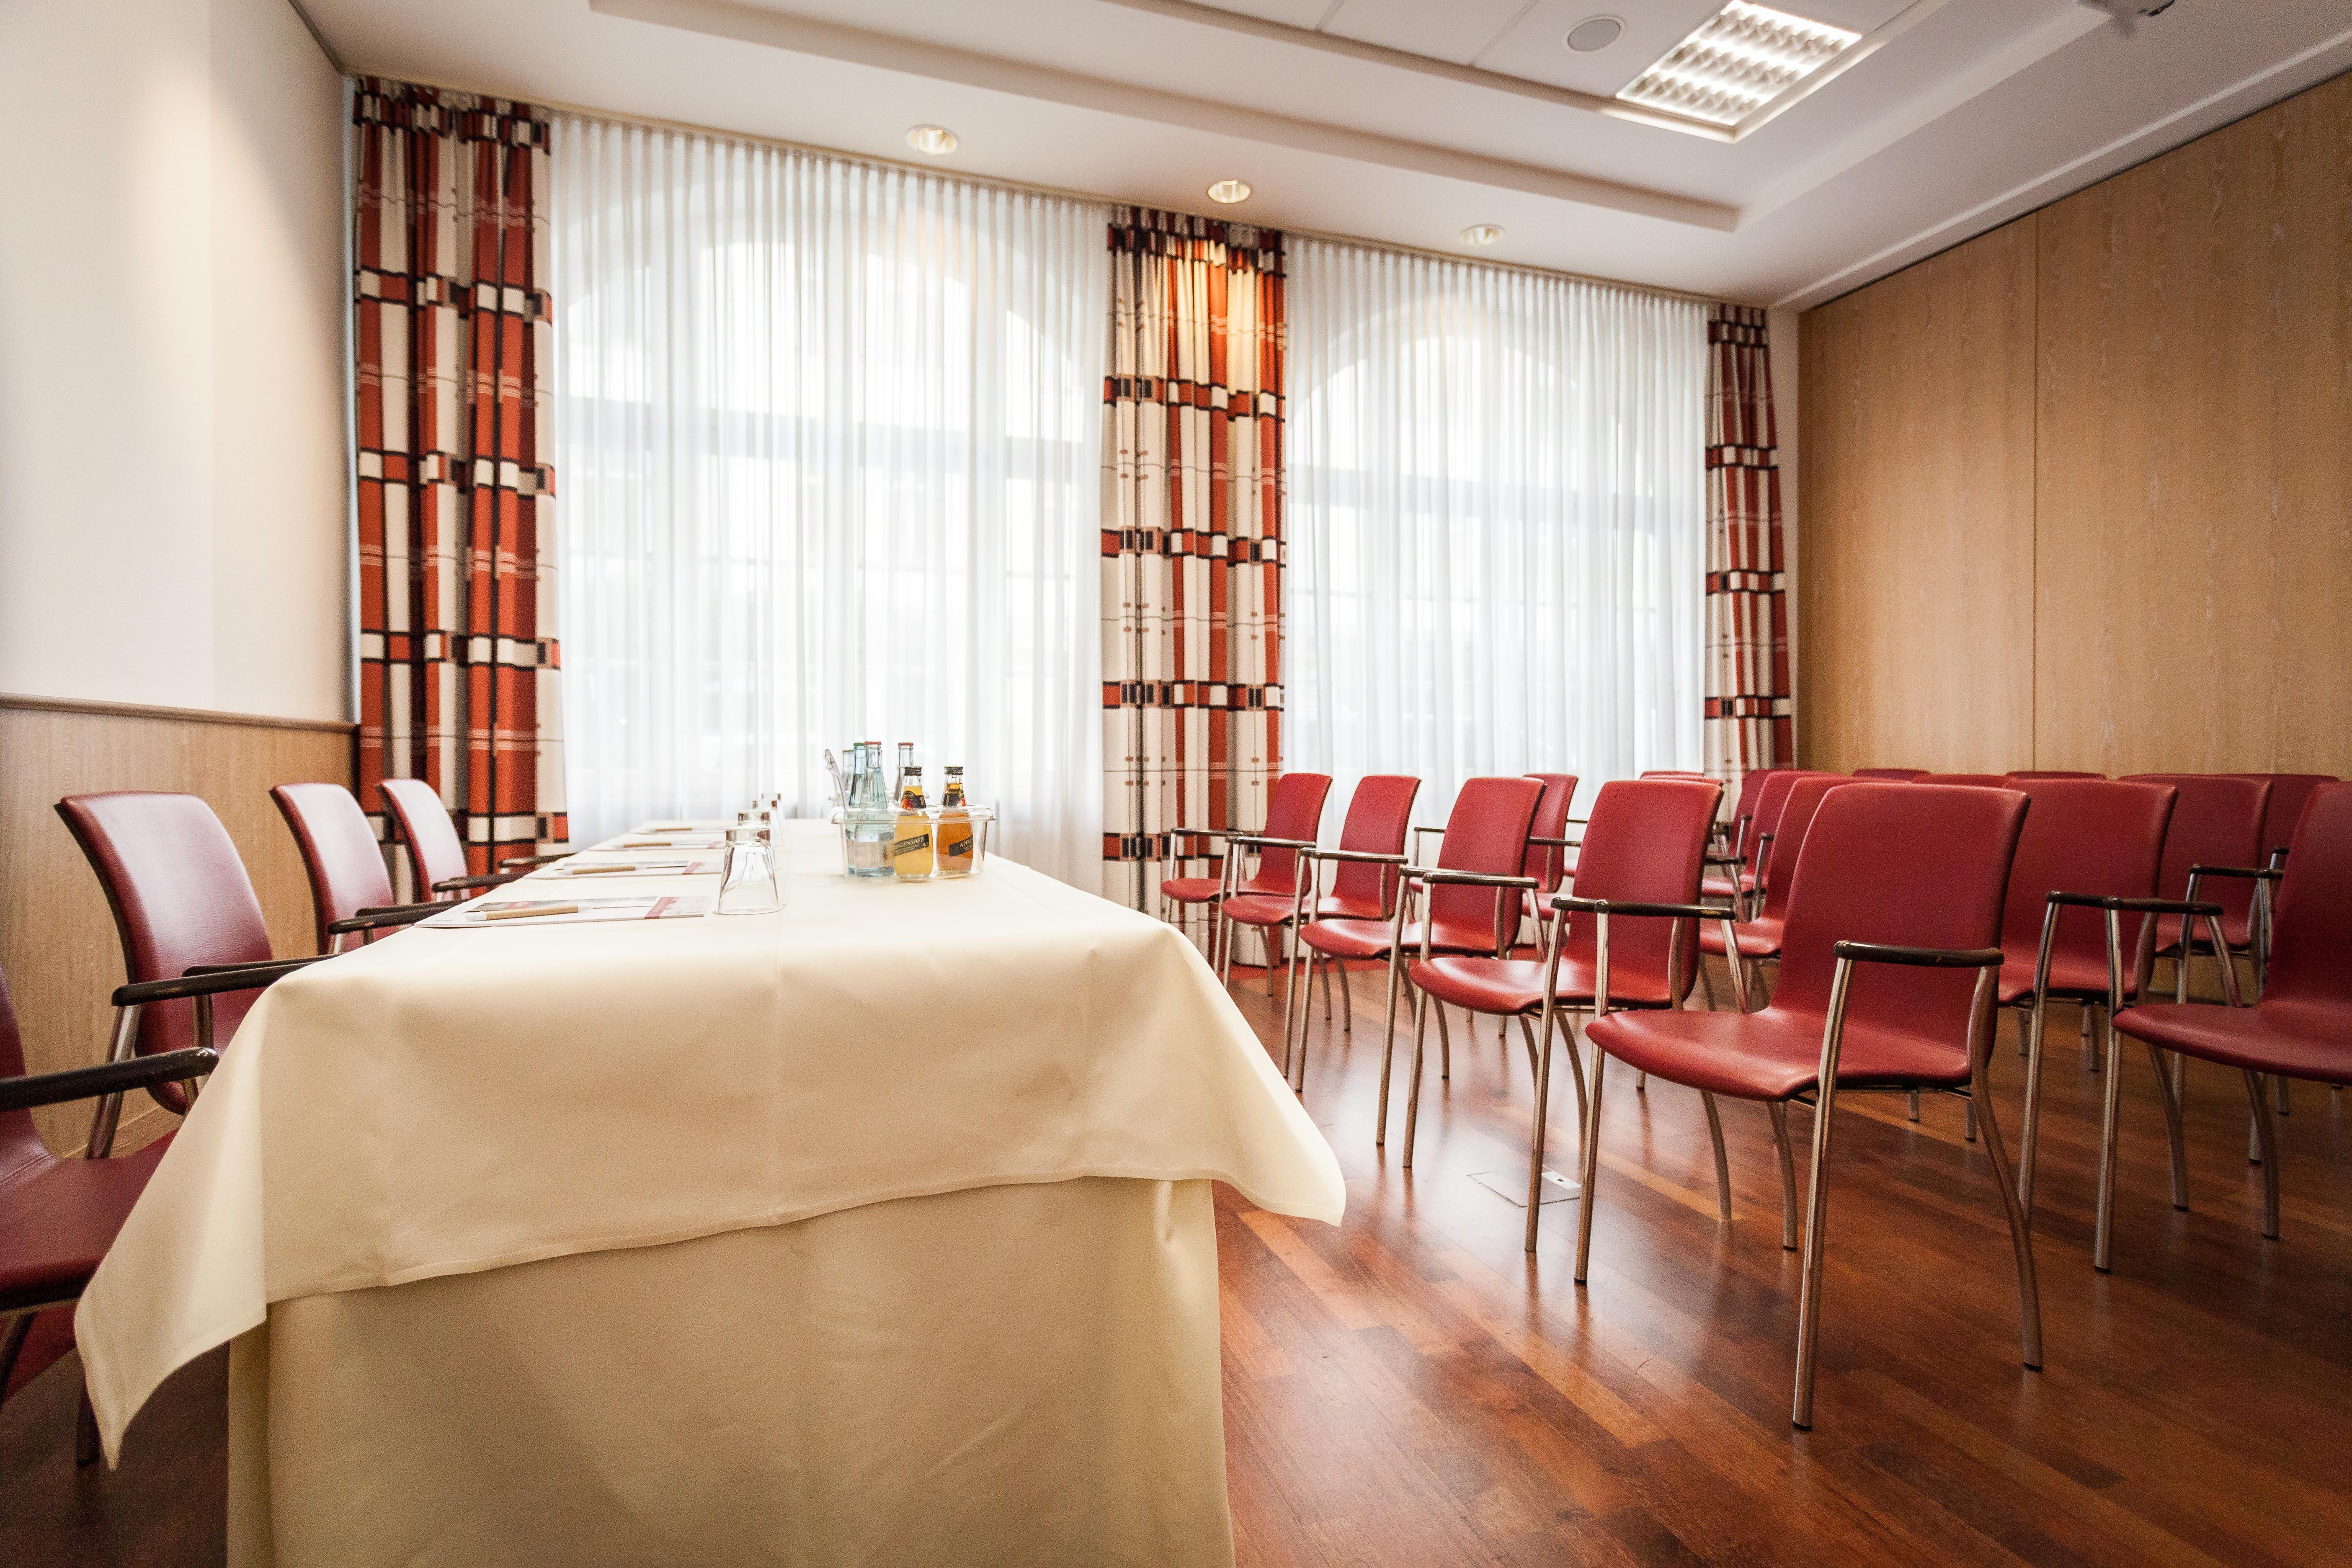 Tagungsraum Hotel Albrechtshof Berlin Mitte